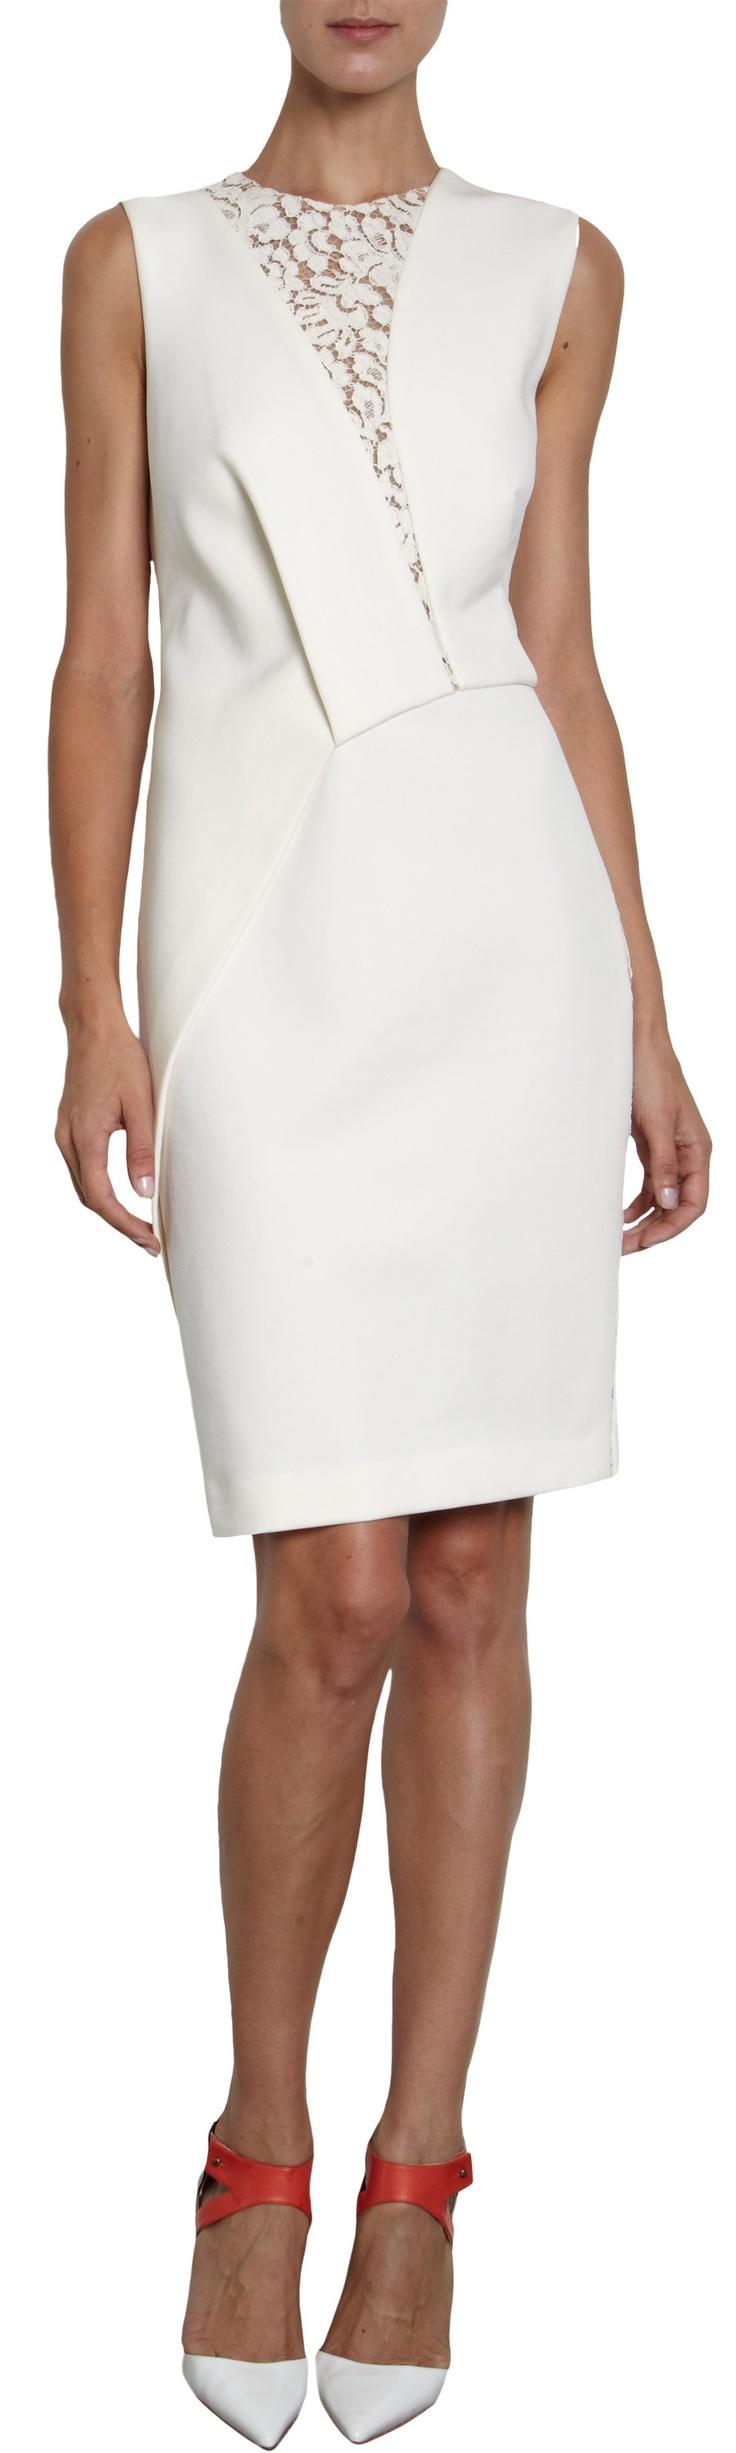 J. Mendel Lace Inset Dress at Barneys.com